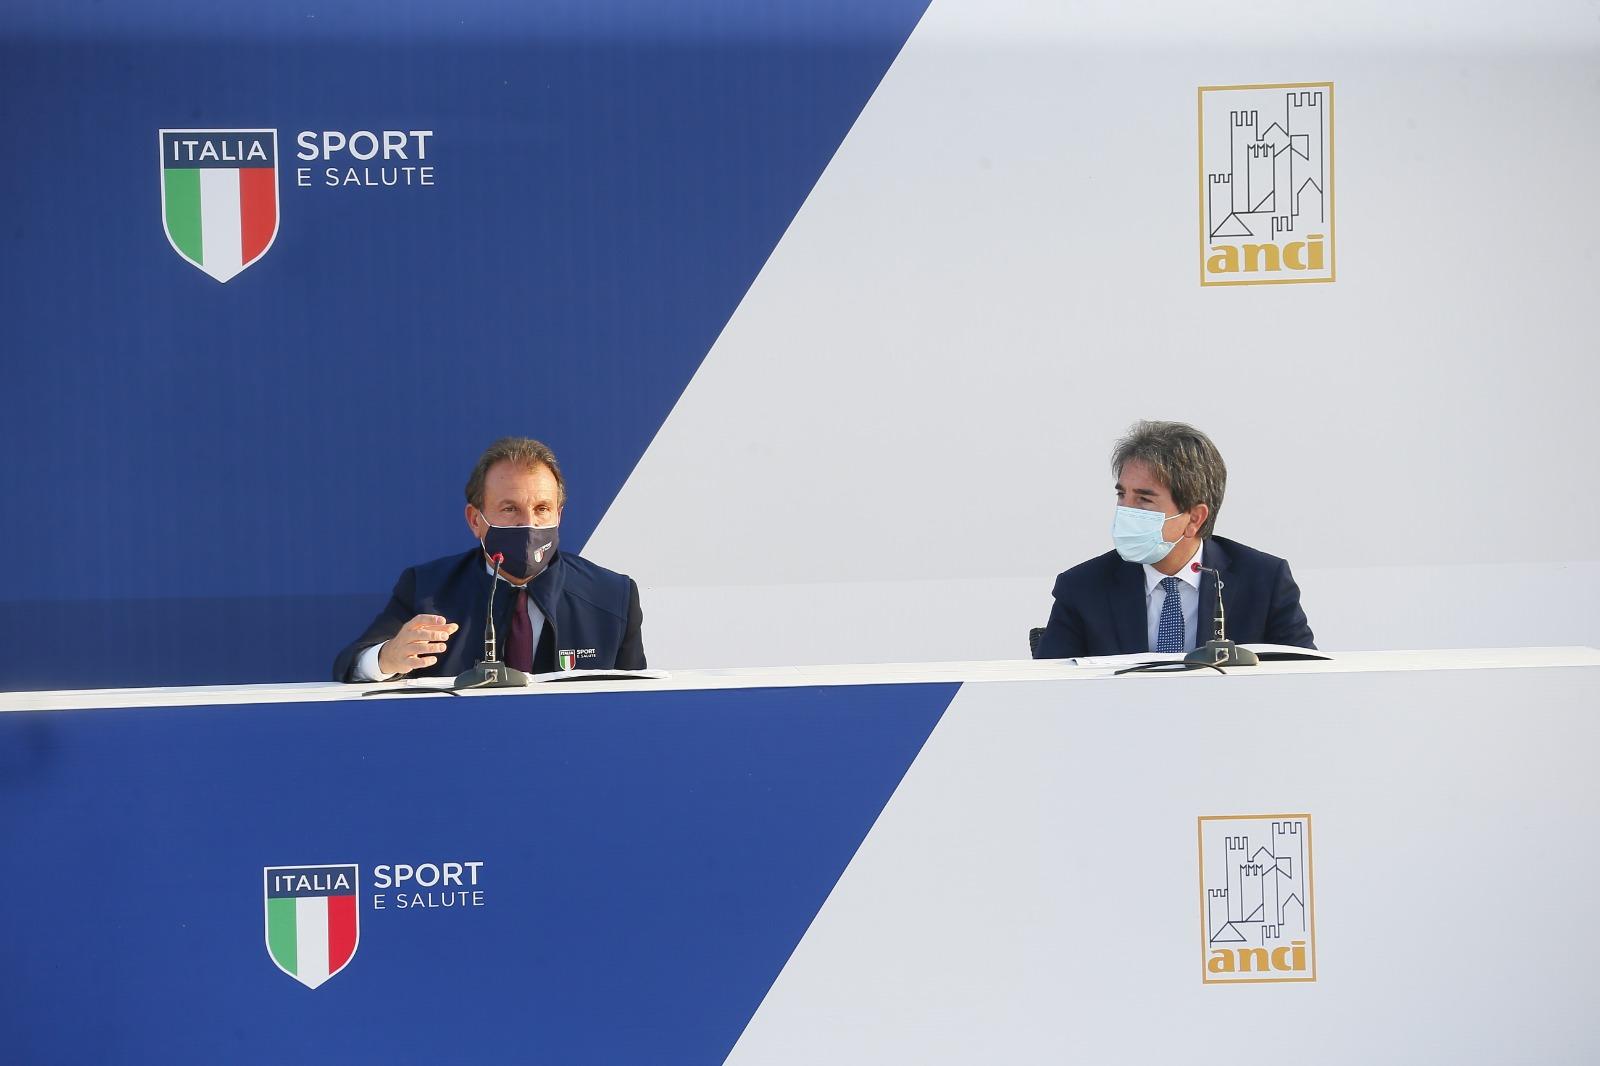 protocollo-sport-salute-anci-attivita-sportiva-parchi